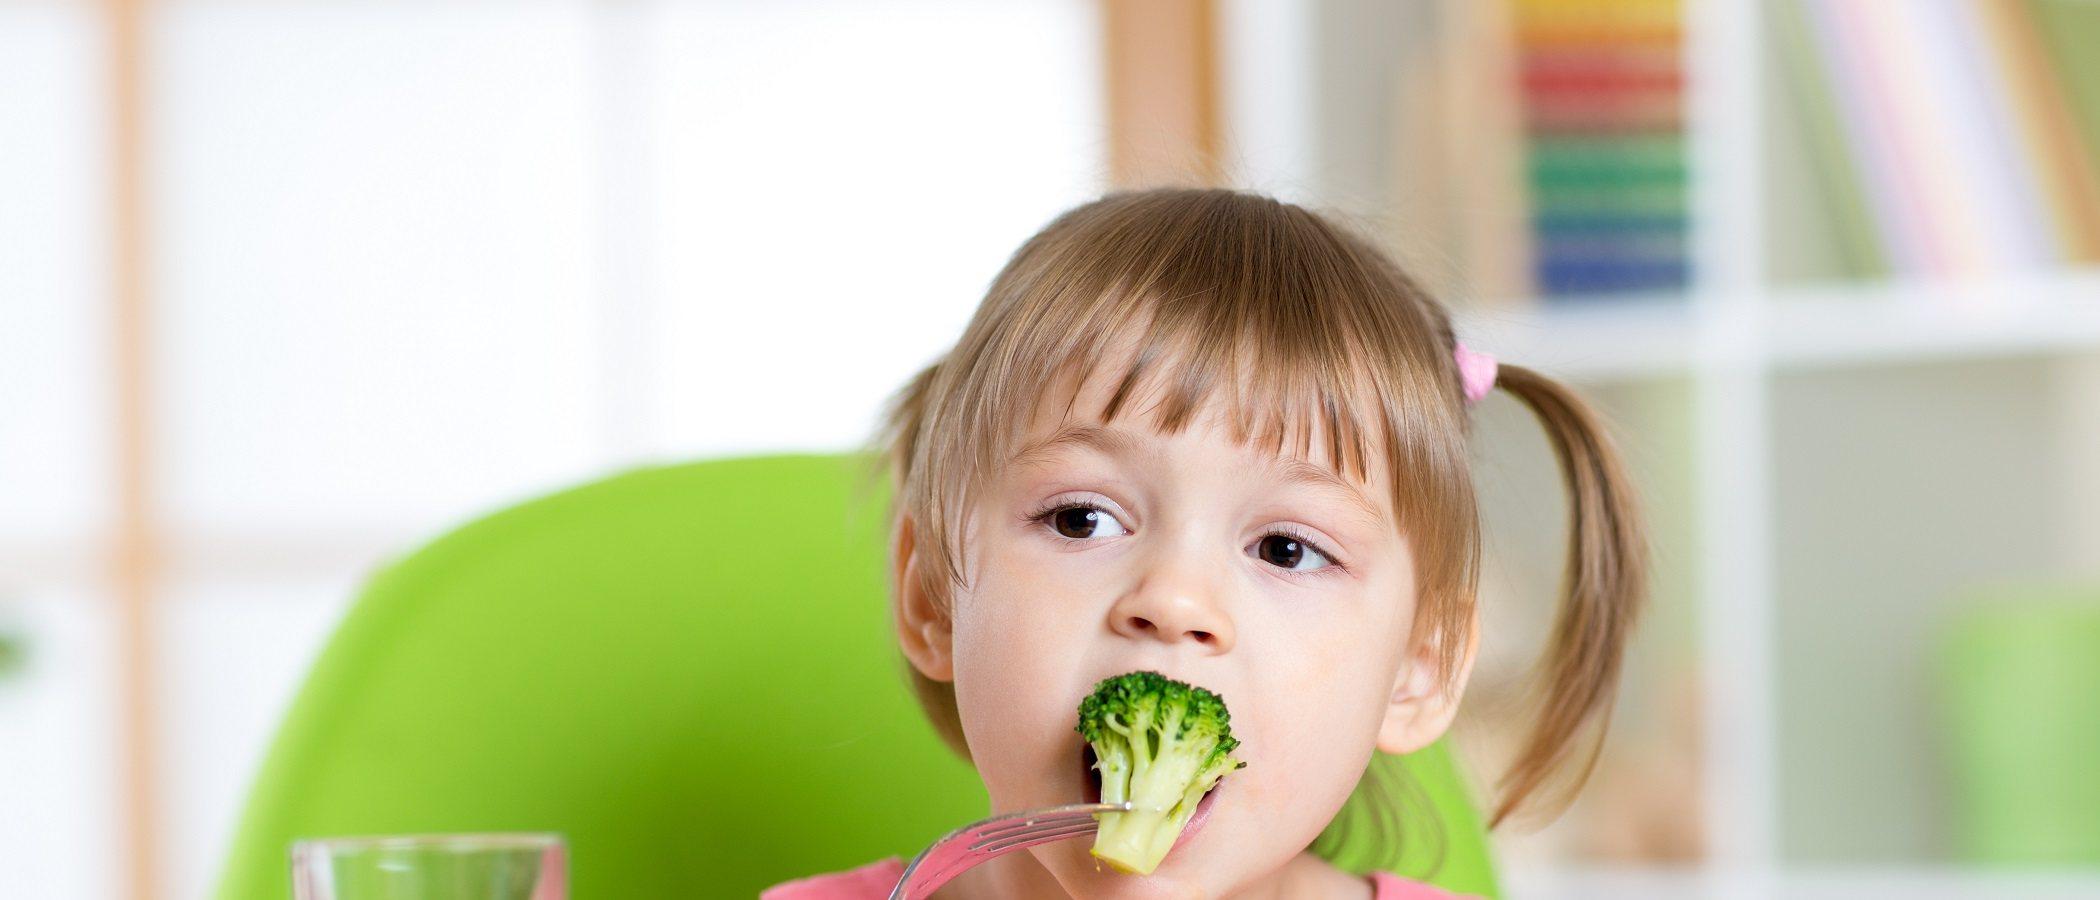 Cómo ayudar a los niños a tener hábitos alimenticios saludables